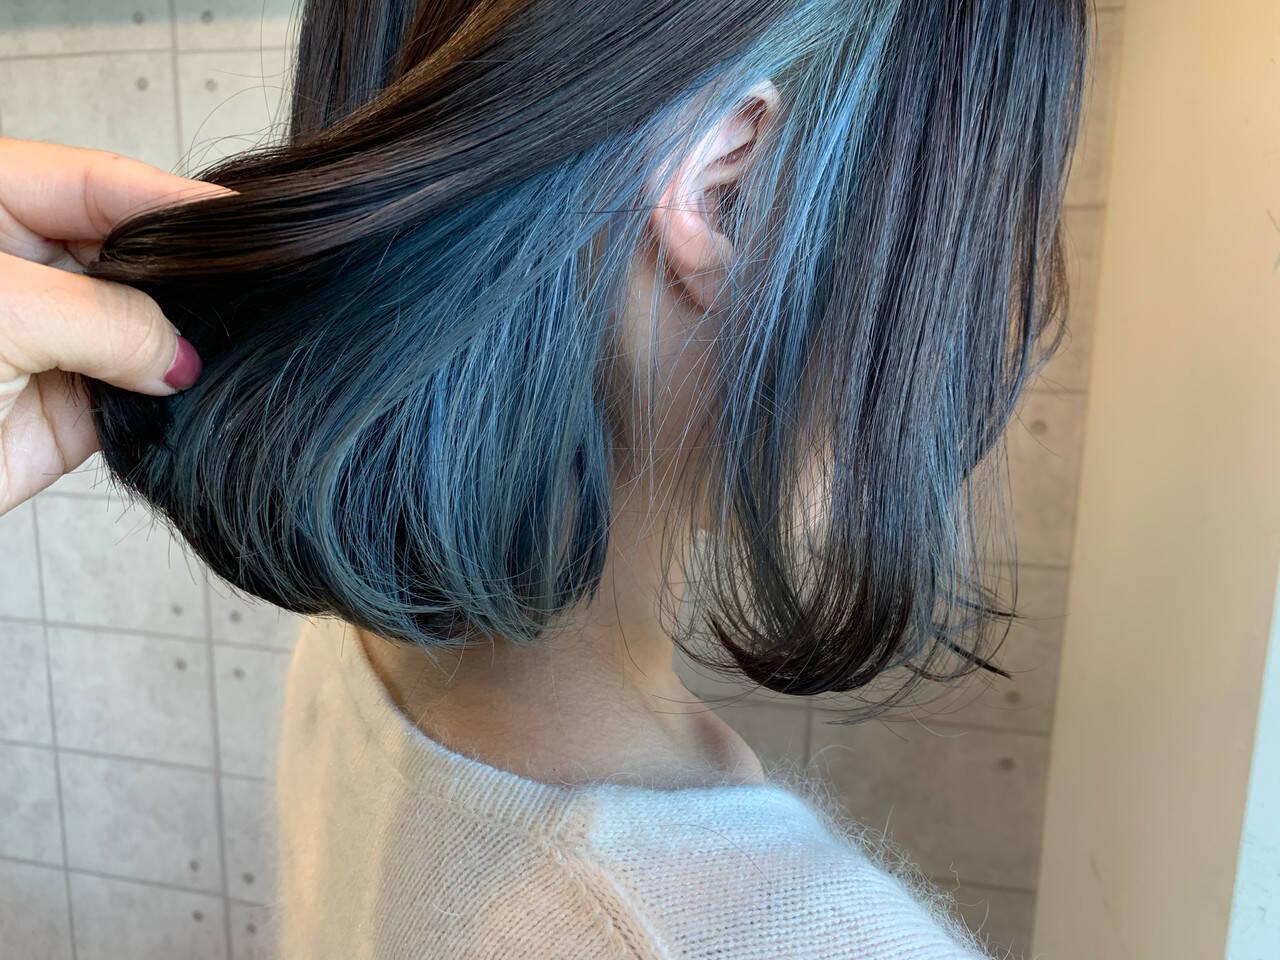 ポイントカラー インナーカラー ガーリー ミニボブヘアスタイルや髪型の写真・画像